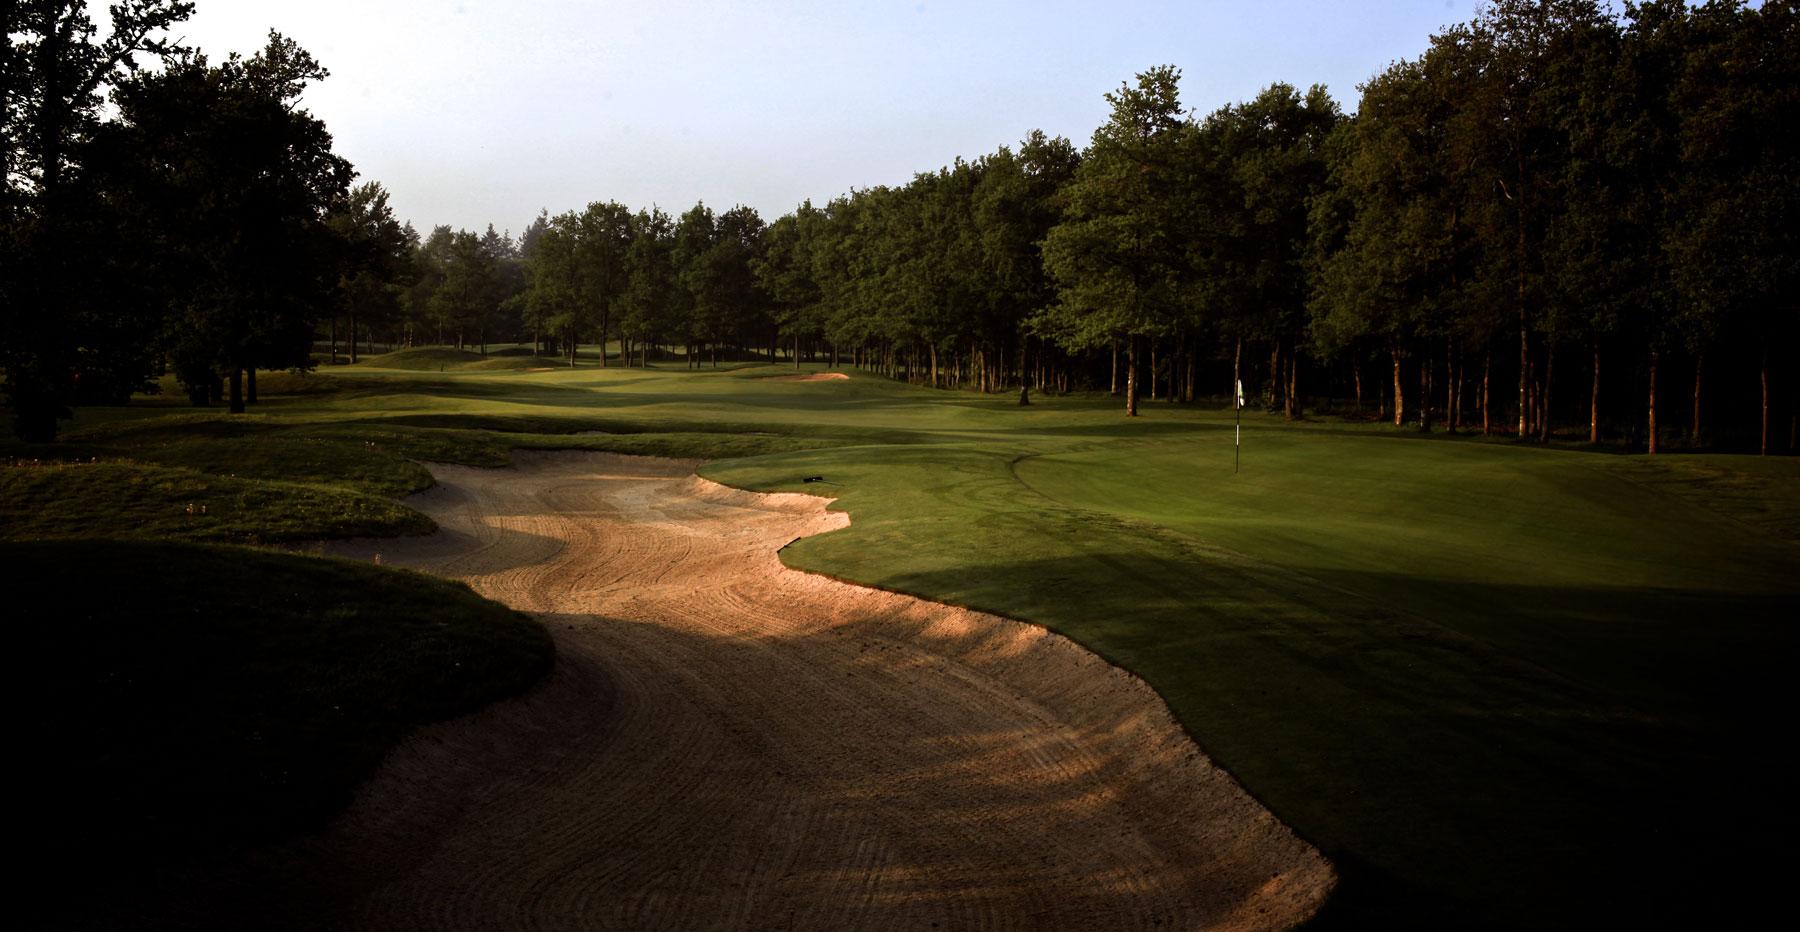 golf-de-limere-ardon-porte-de-sologne-ludovic-letot7